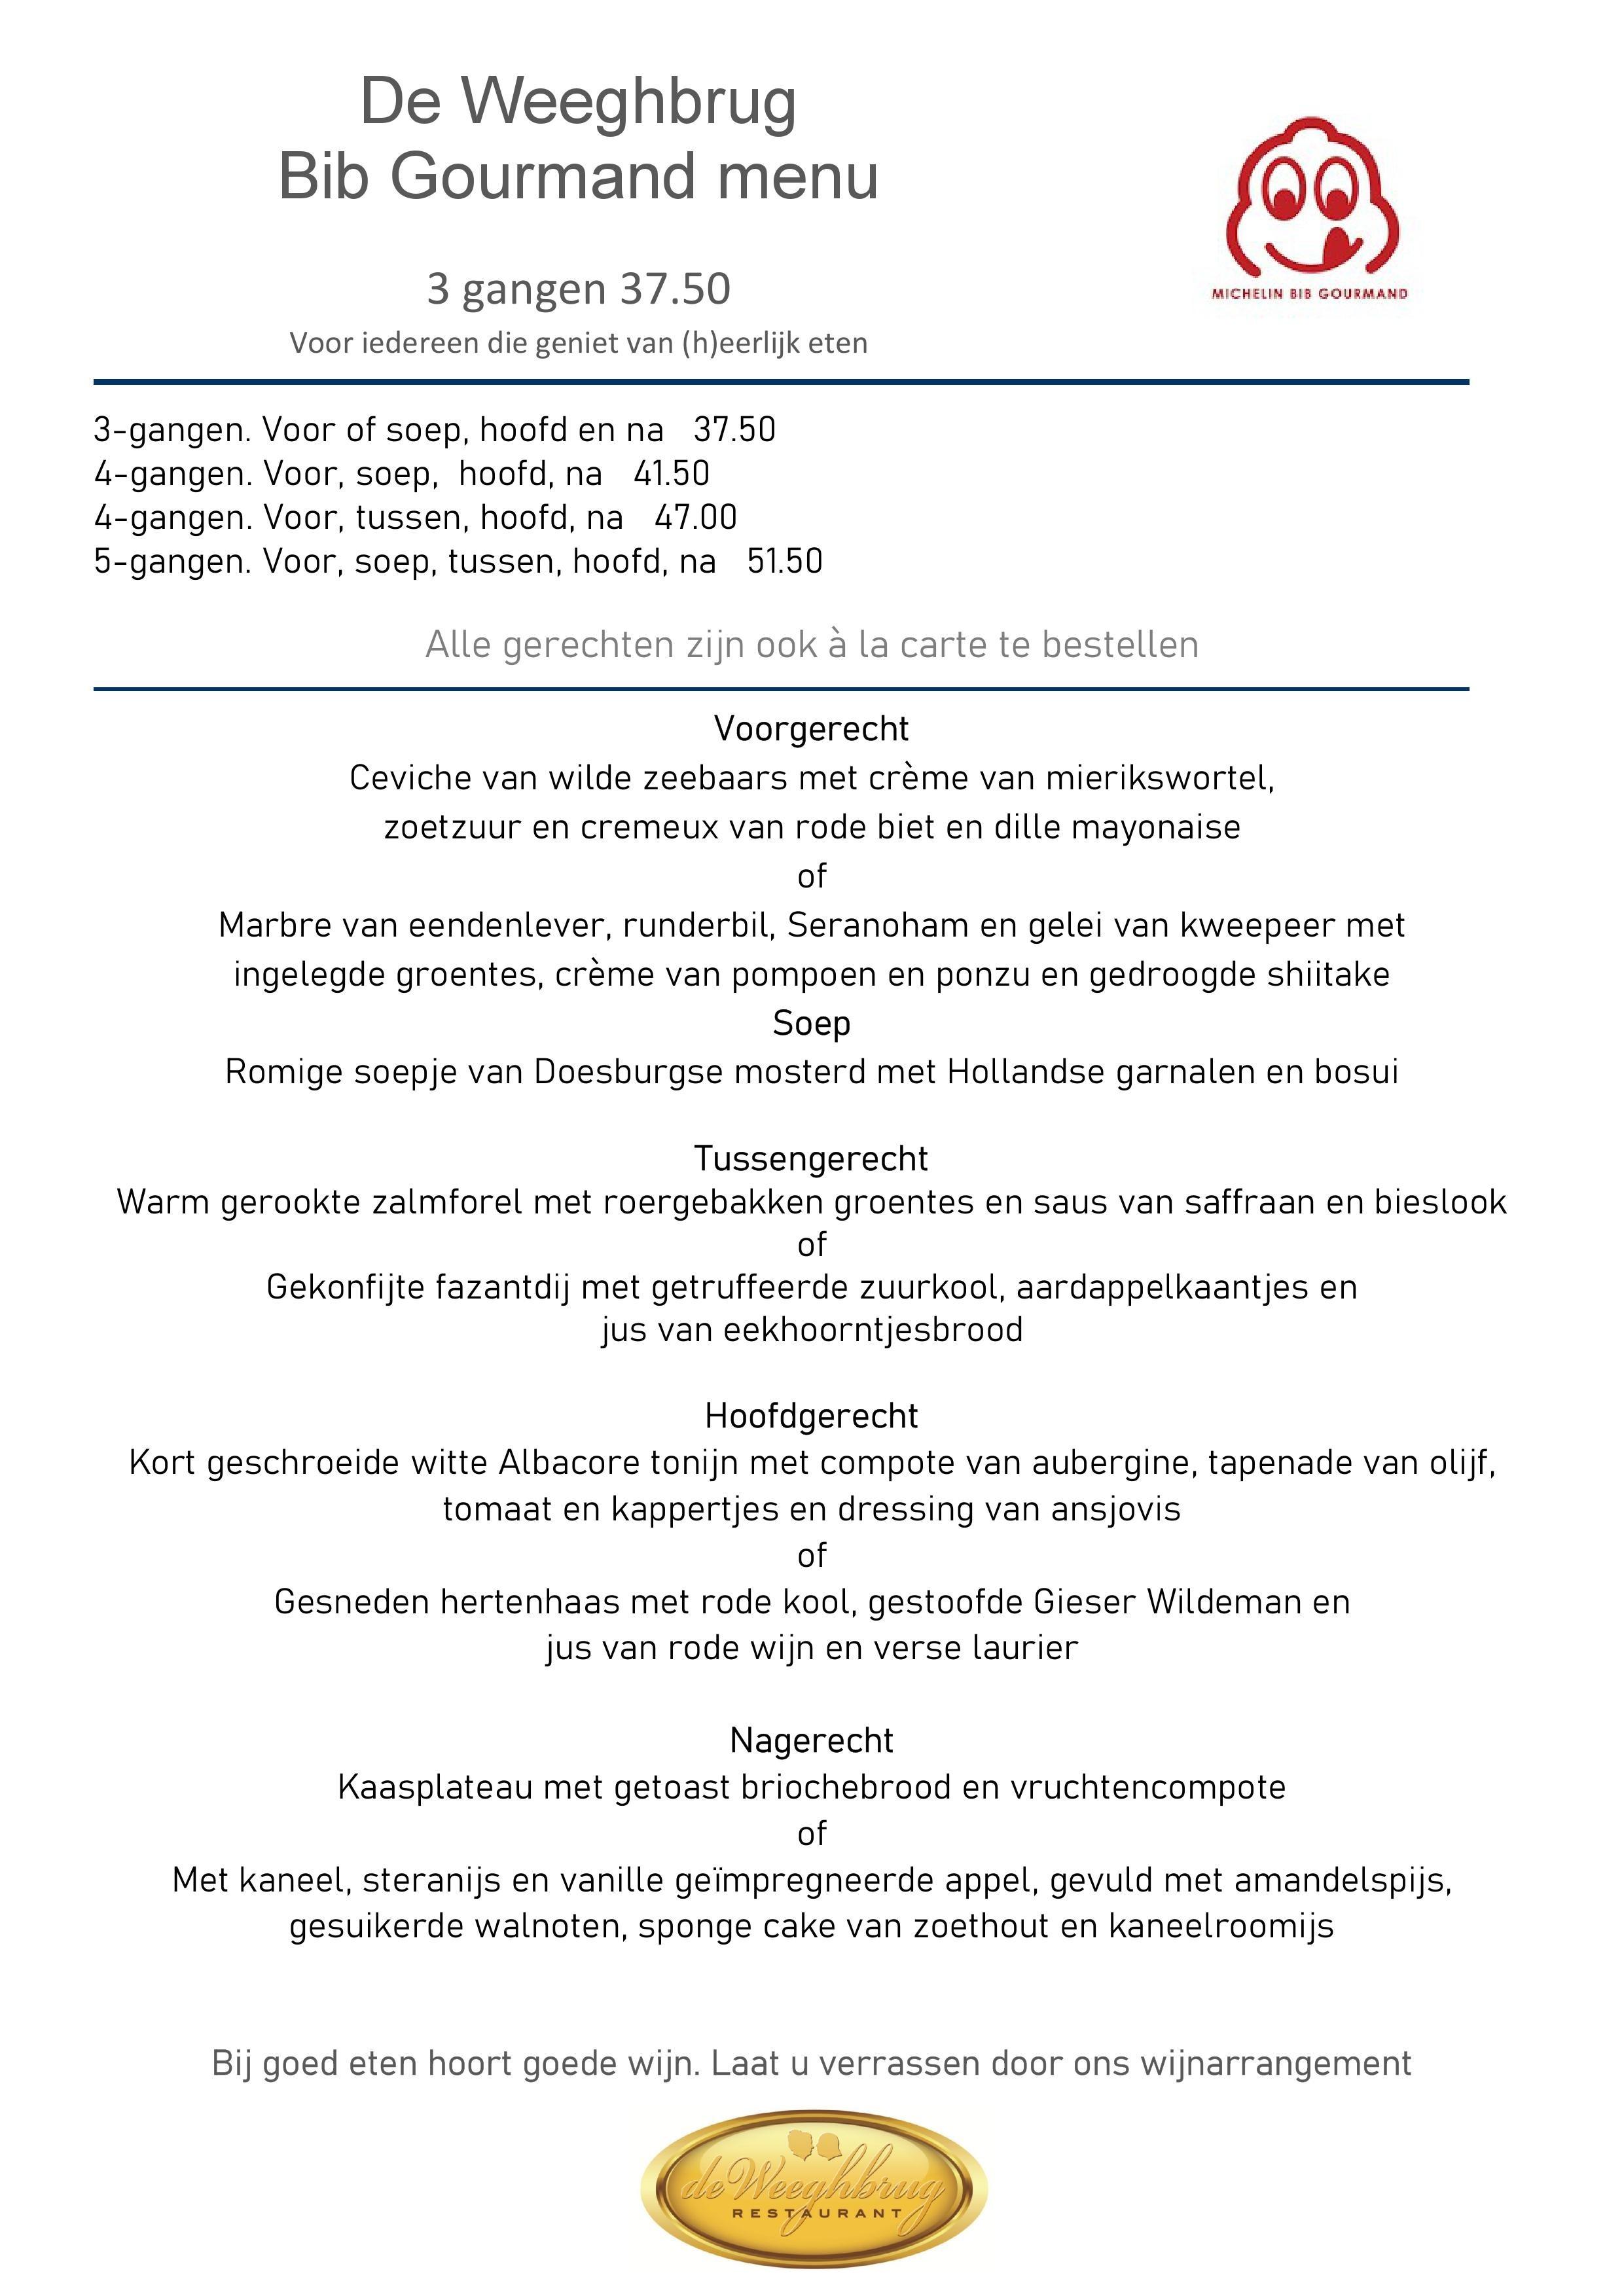 Weeghbrug Bib Gourman keuze menu.jpg